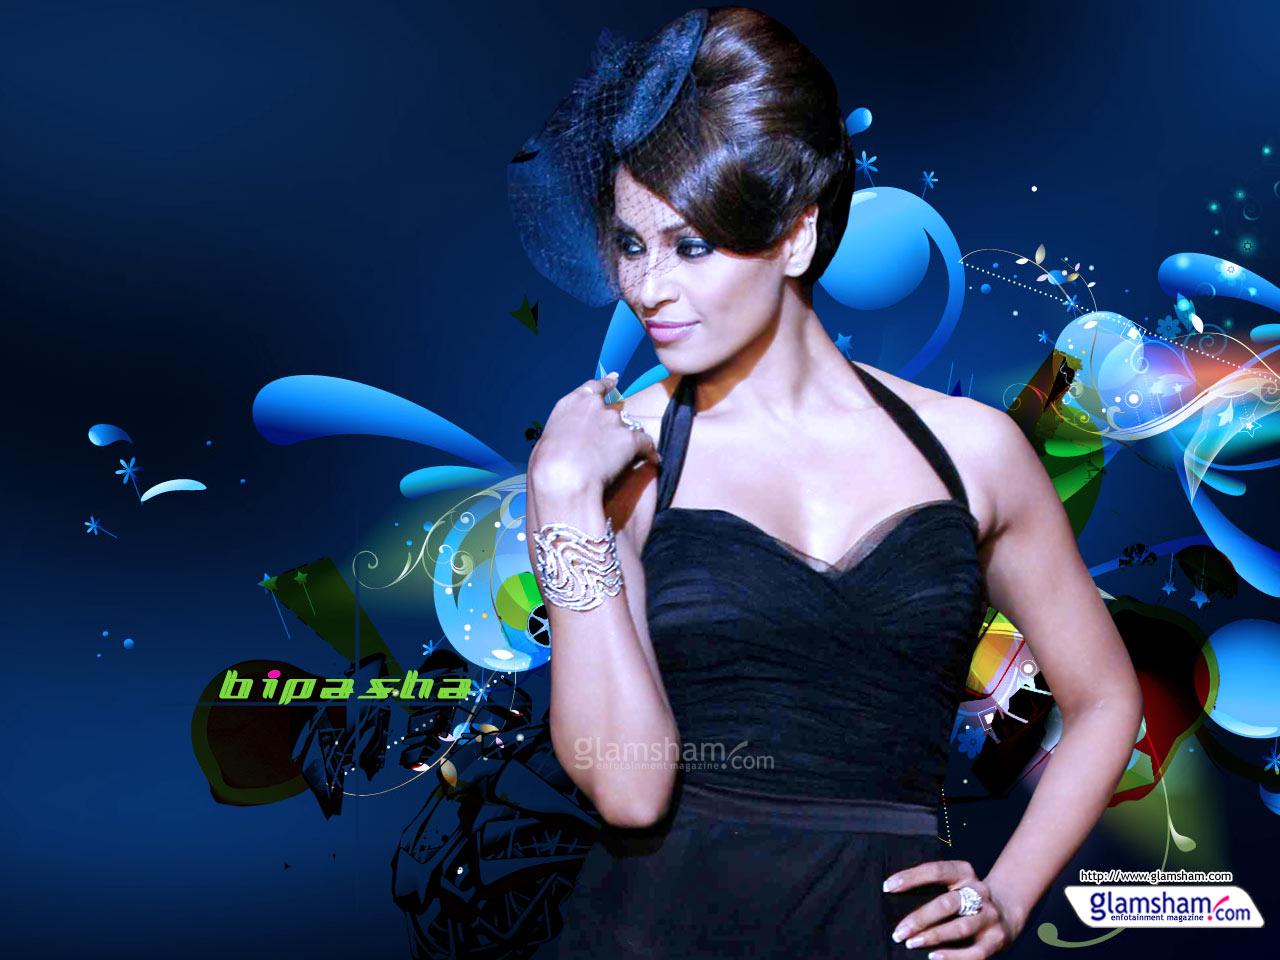 http://4.bp.blogspot.com/-Dlr0BYOqC74/TuOjuIo77tI/AAAAAAAABMQ/rs3AbKNUYsI/s1600/bipasha-basu-wallpaper-70-12x9.jpg